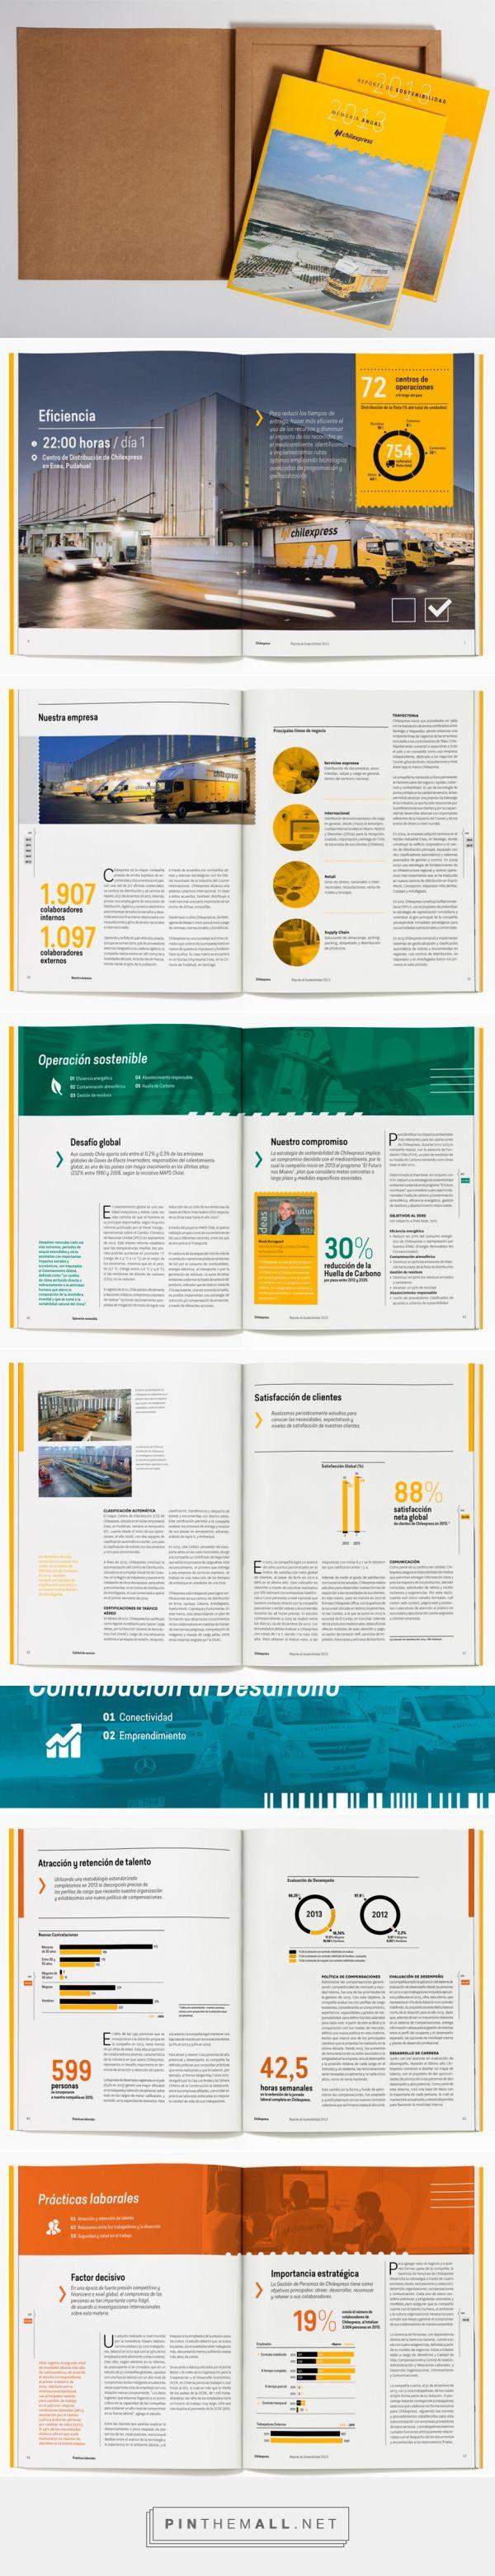 Chilexpress Memoria y RS 2013 | Patricio Arellano — Diseño Gráfico - created via http://pinthemall.net